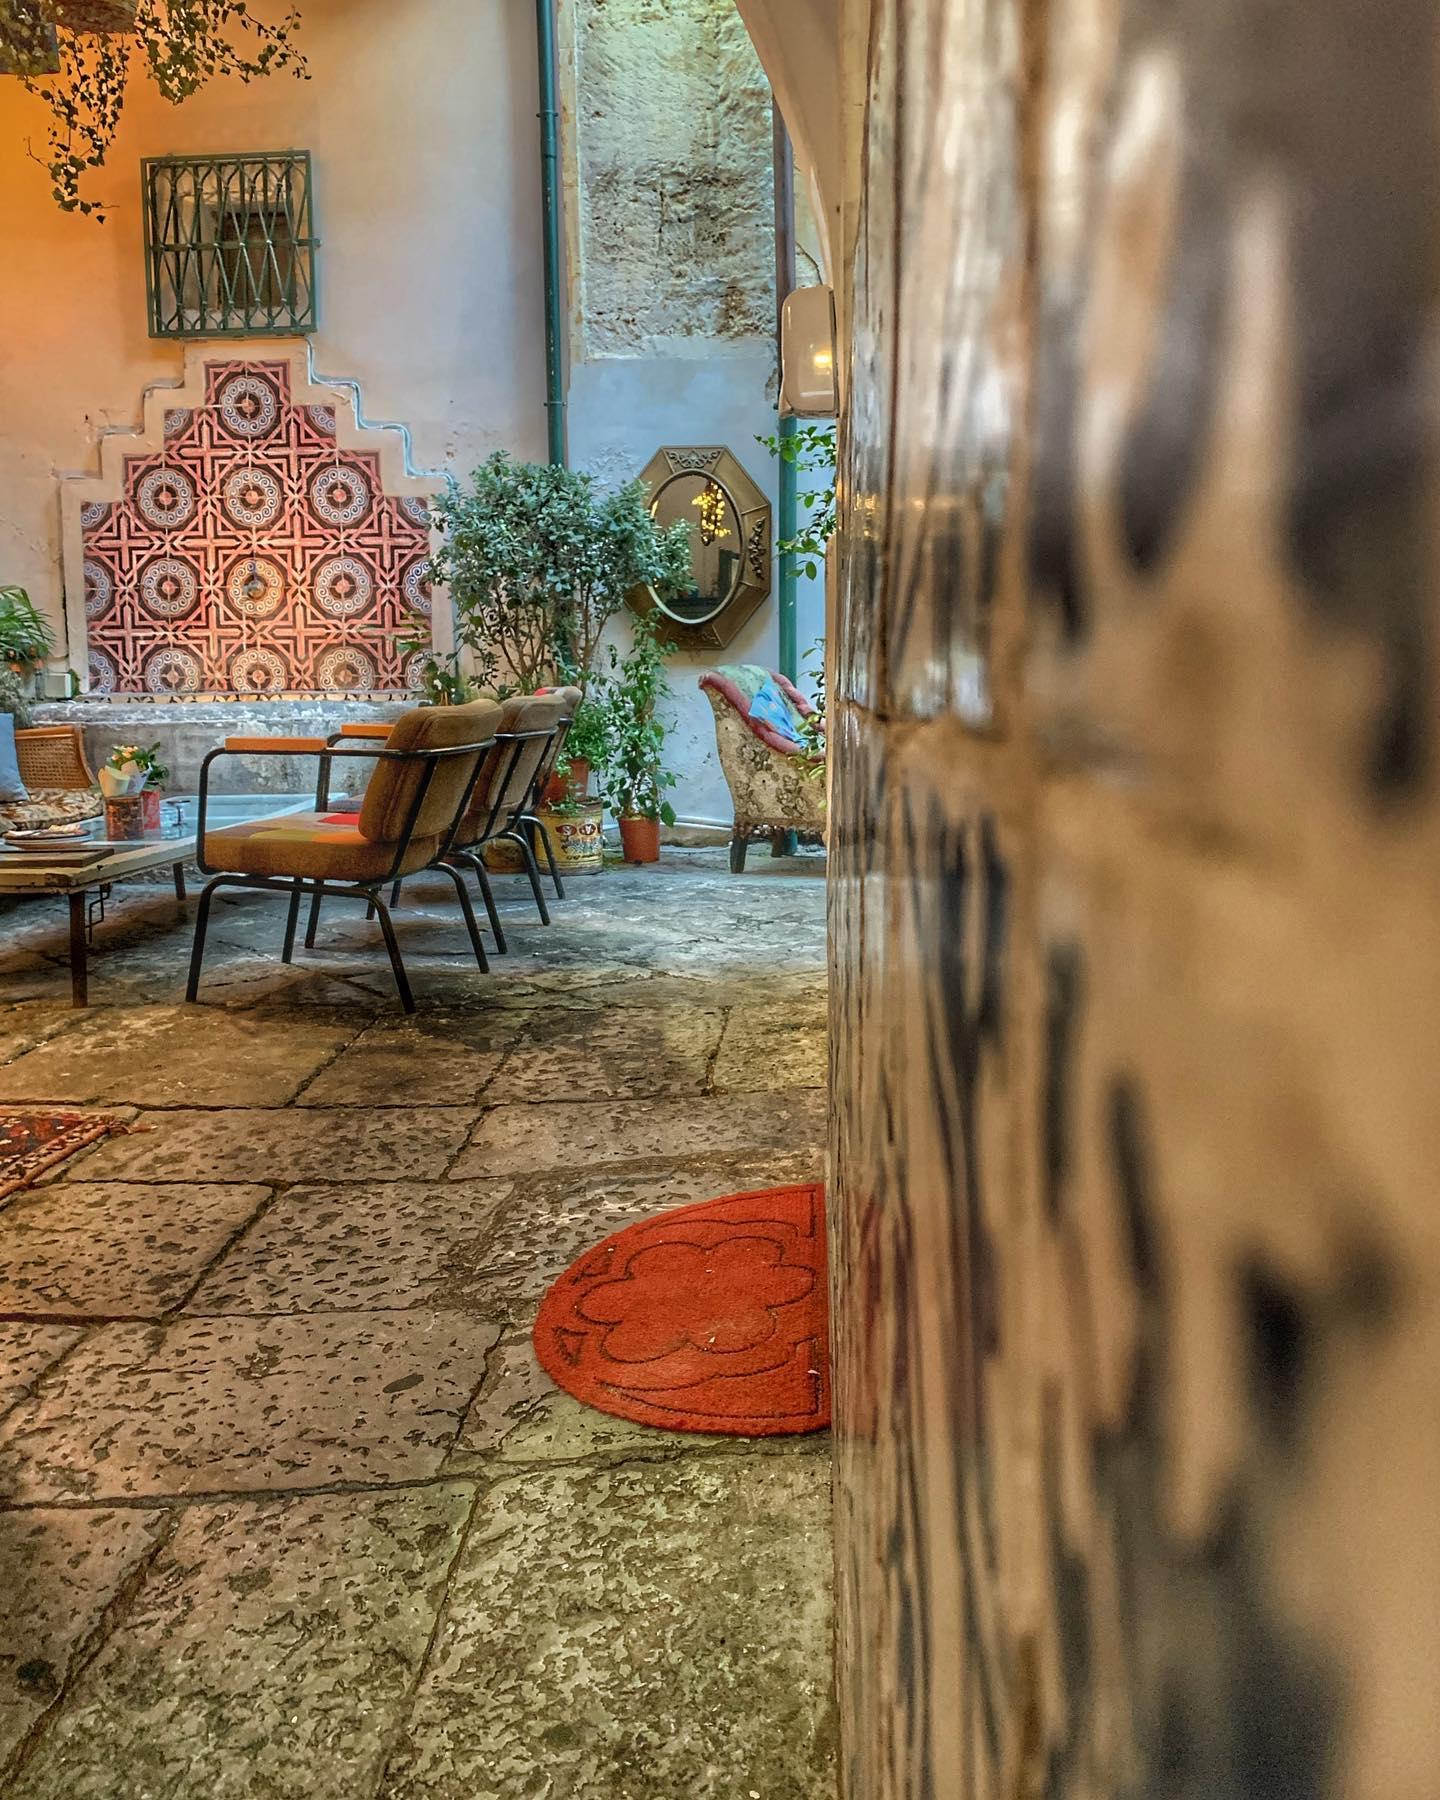 Locale Palermo ristorante